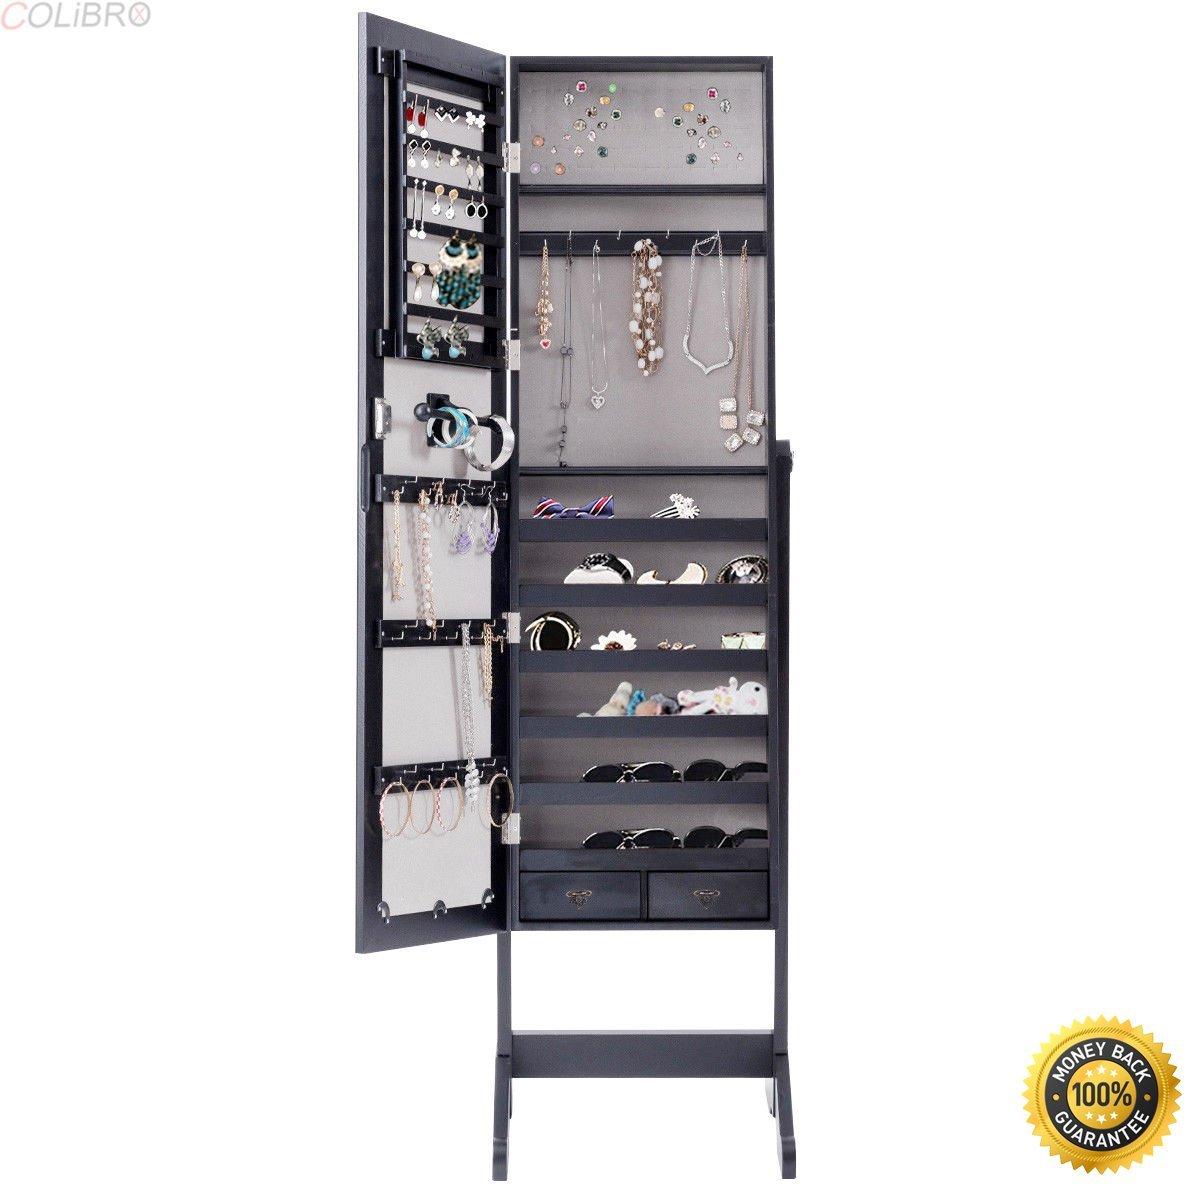 COLIBROX-Mirrored Jewelry Cabinet Armoire Storage Organizer Box w/ Drawers,jewelry storage organizer,jewelry cabinets furniture,armoires for sale,mirror jewelry armoire,jewelry cabinet